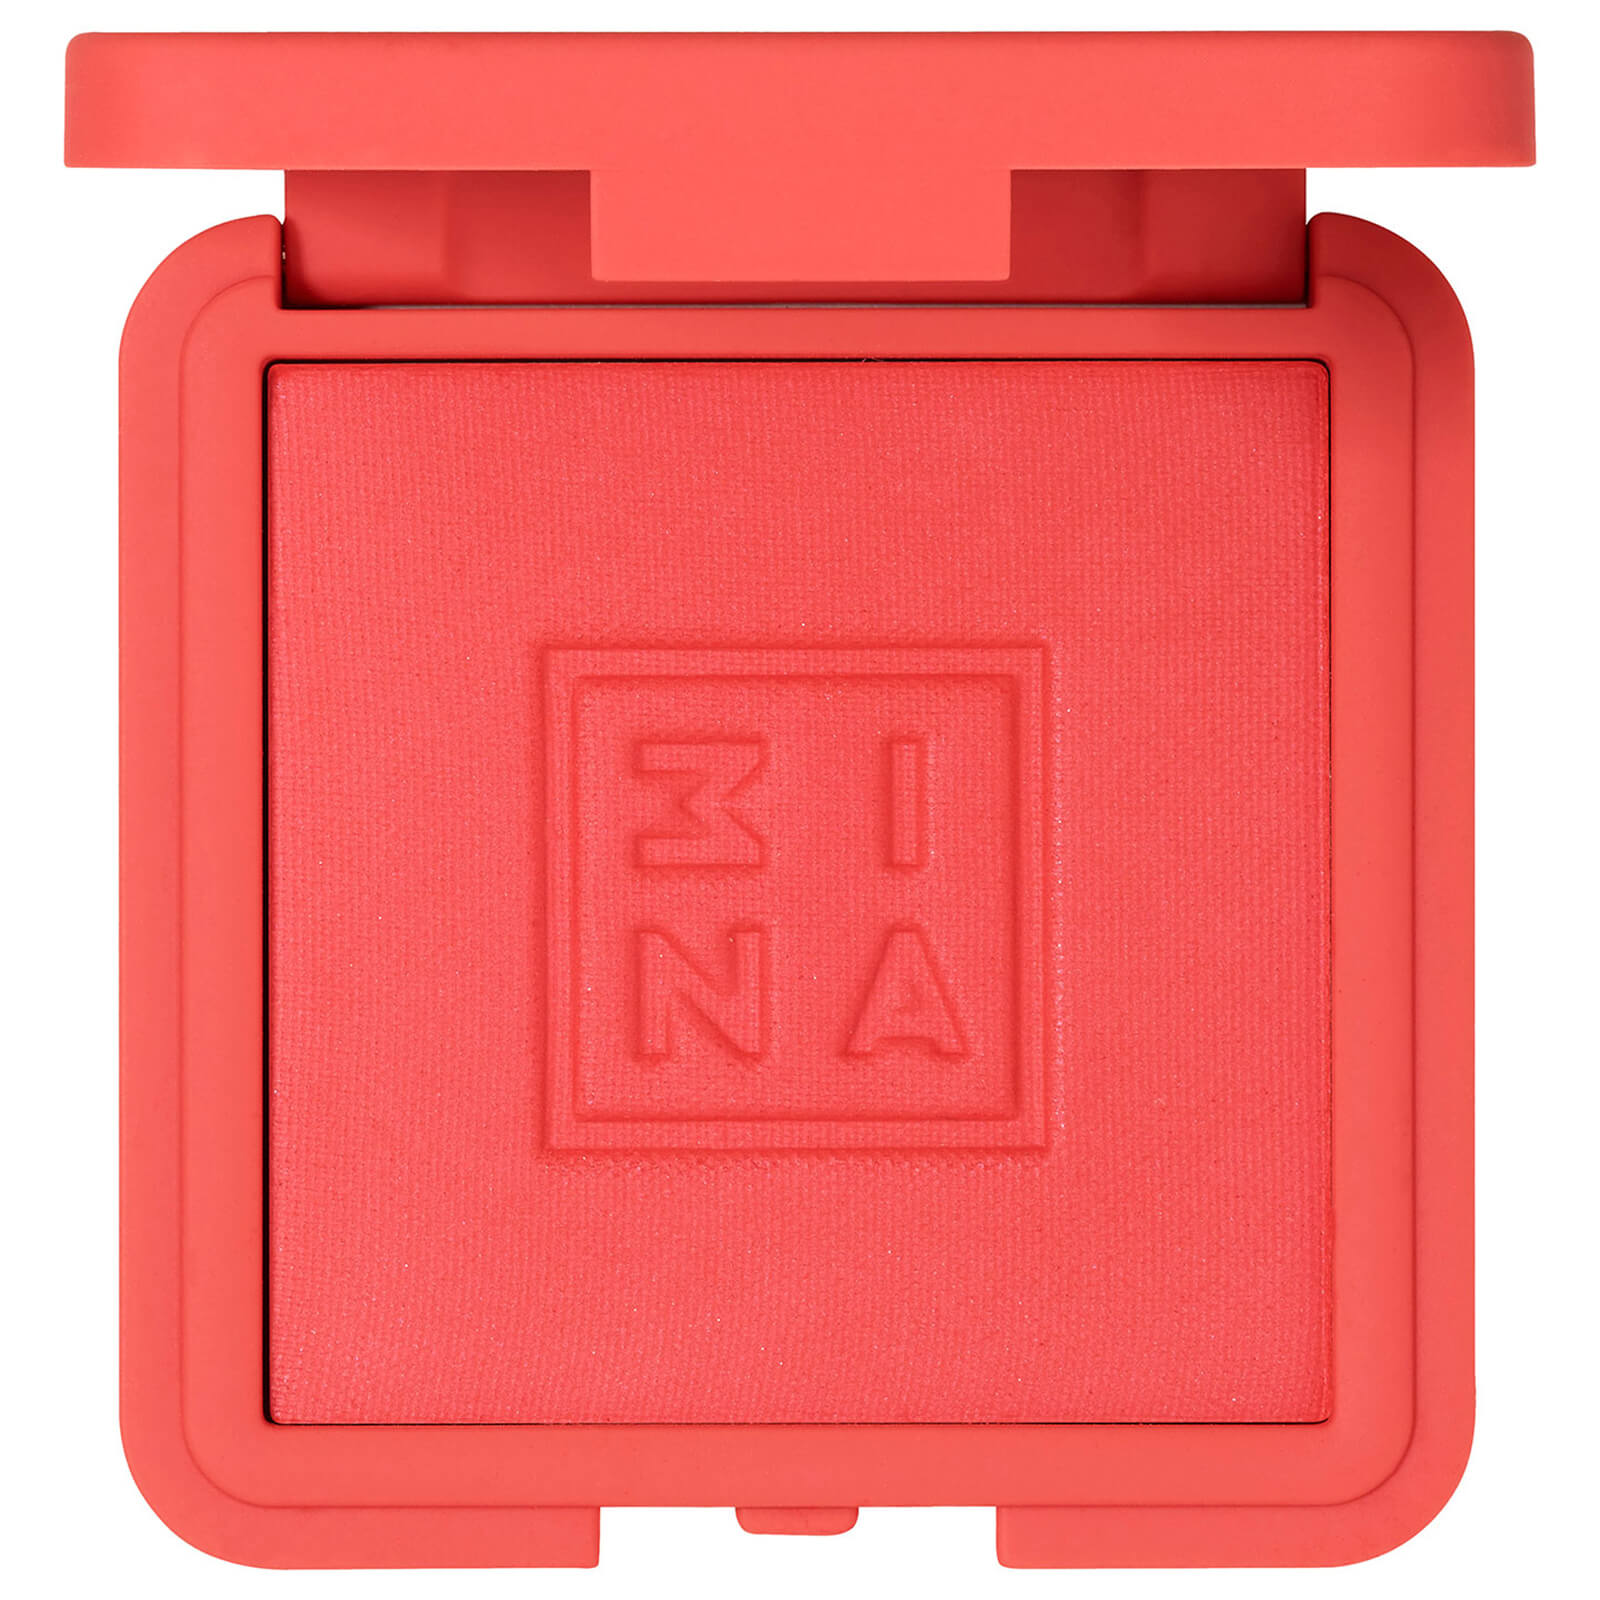 3INA Makeup The Blush 7.5g (Various Shades) - 232